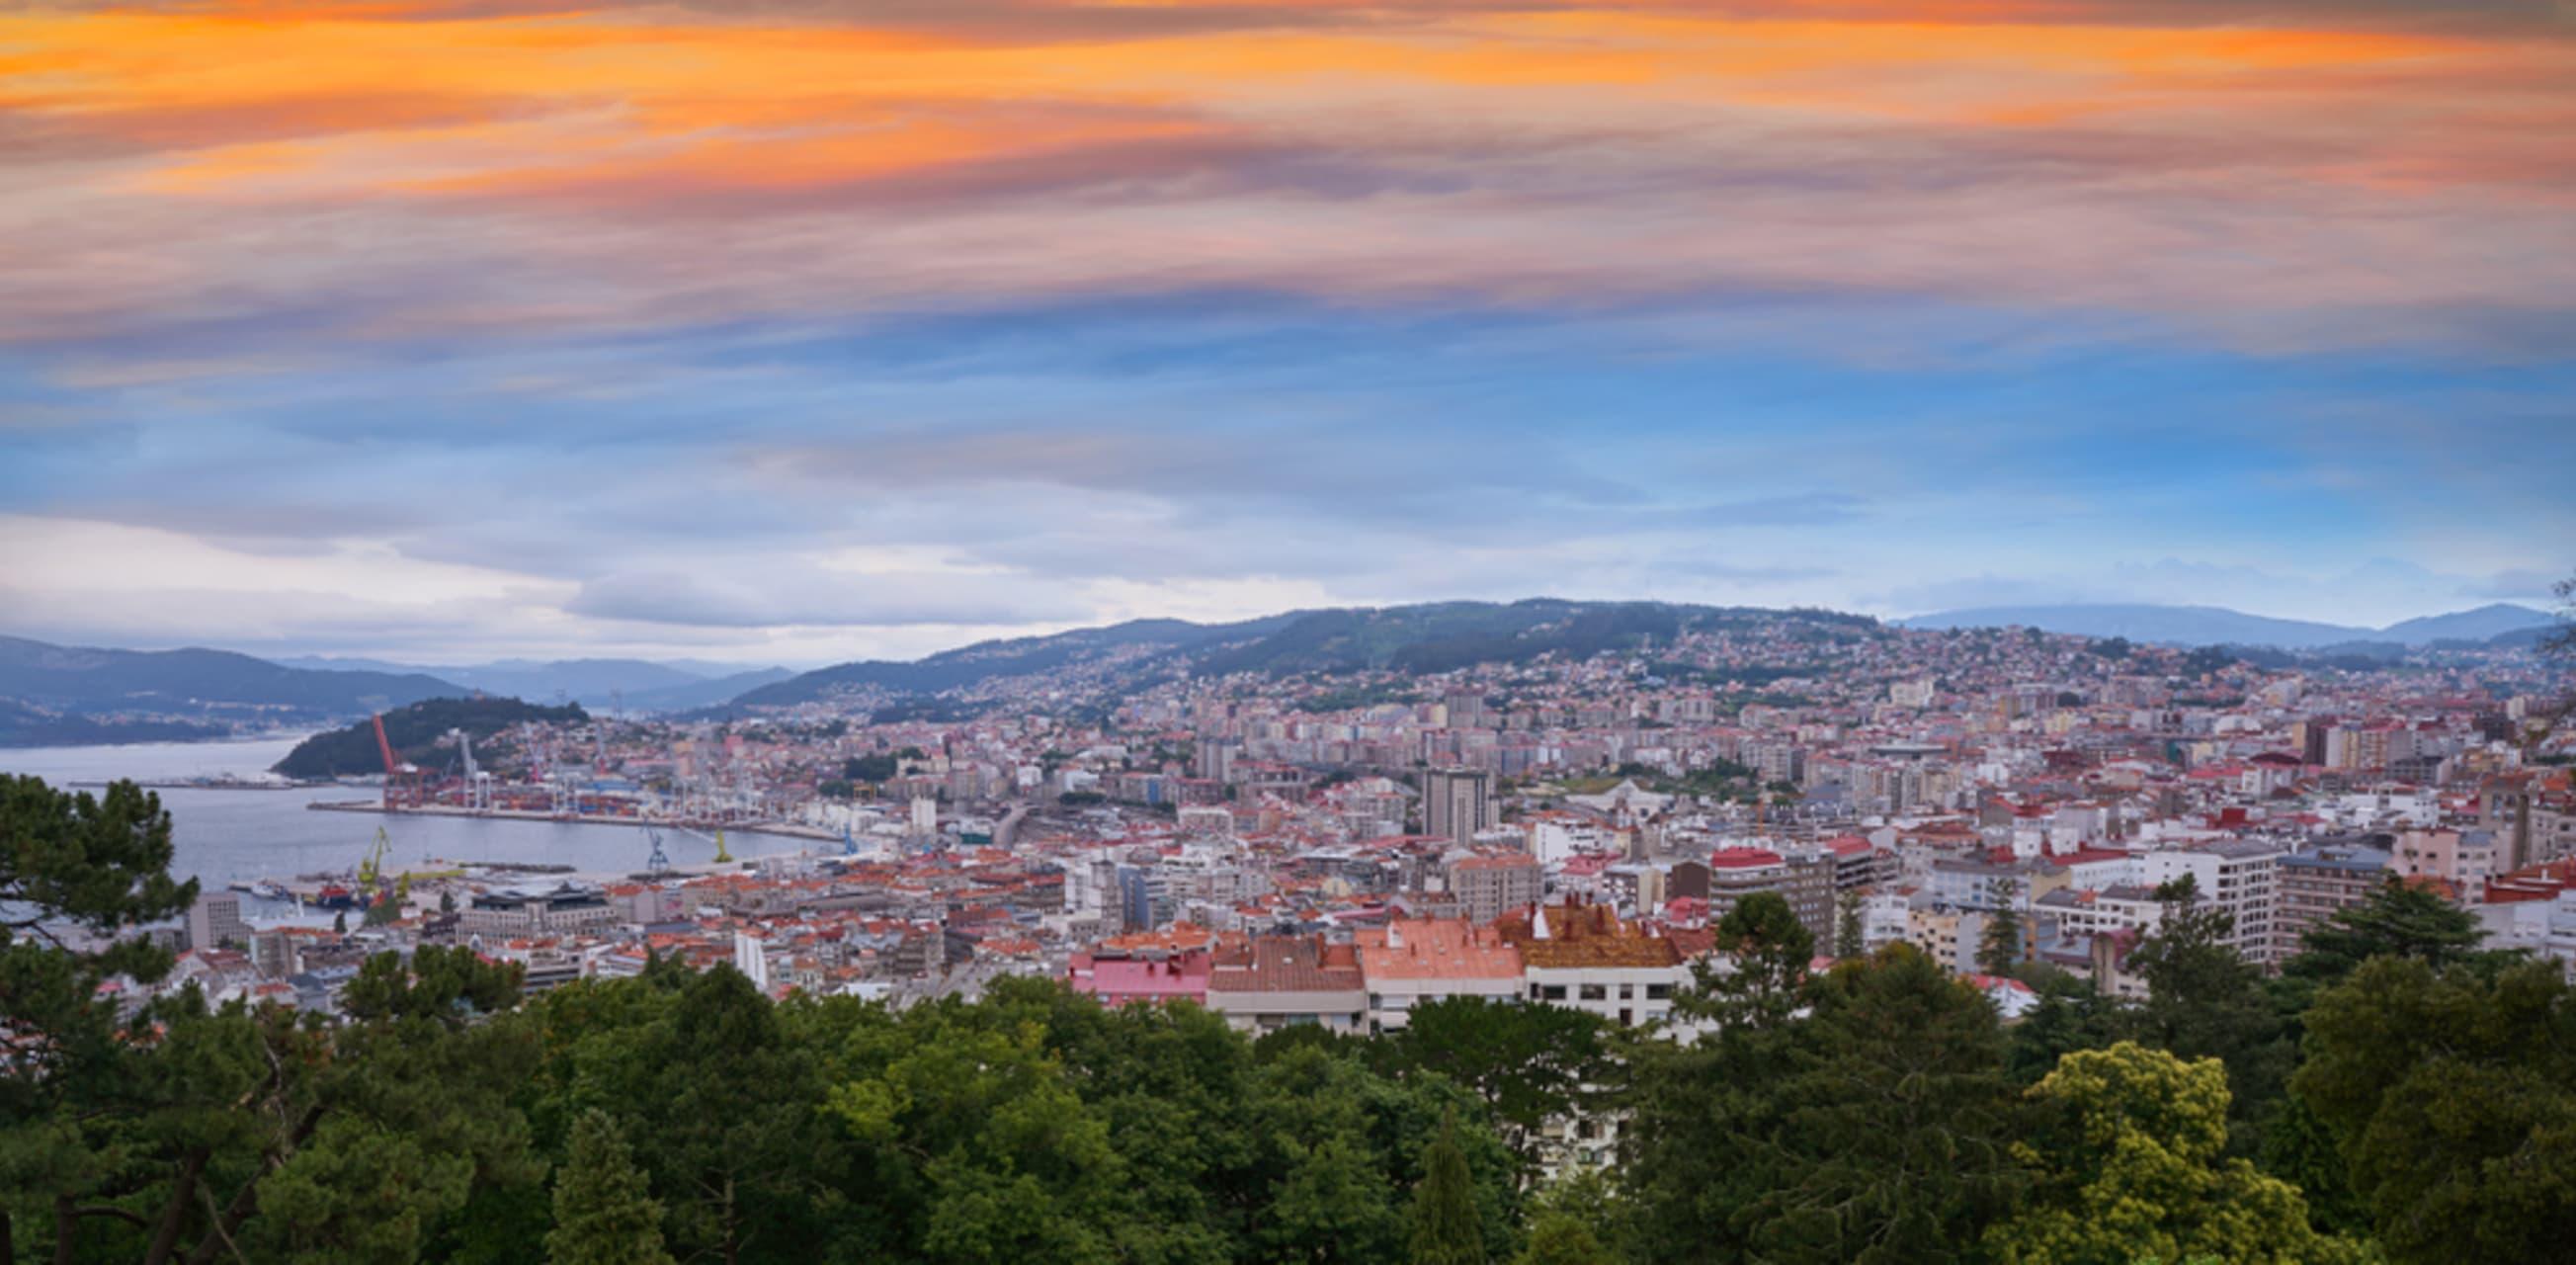 Galicia - When Industry Meets Culture in Coastal Vigo